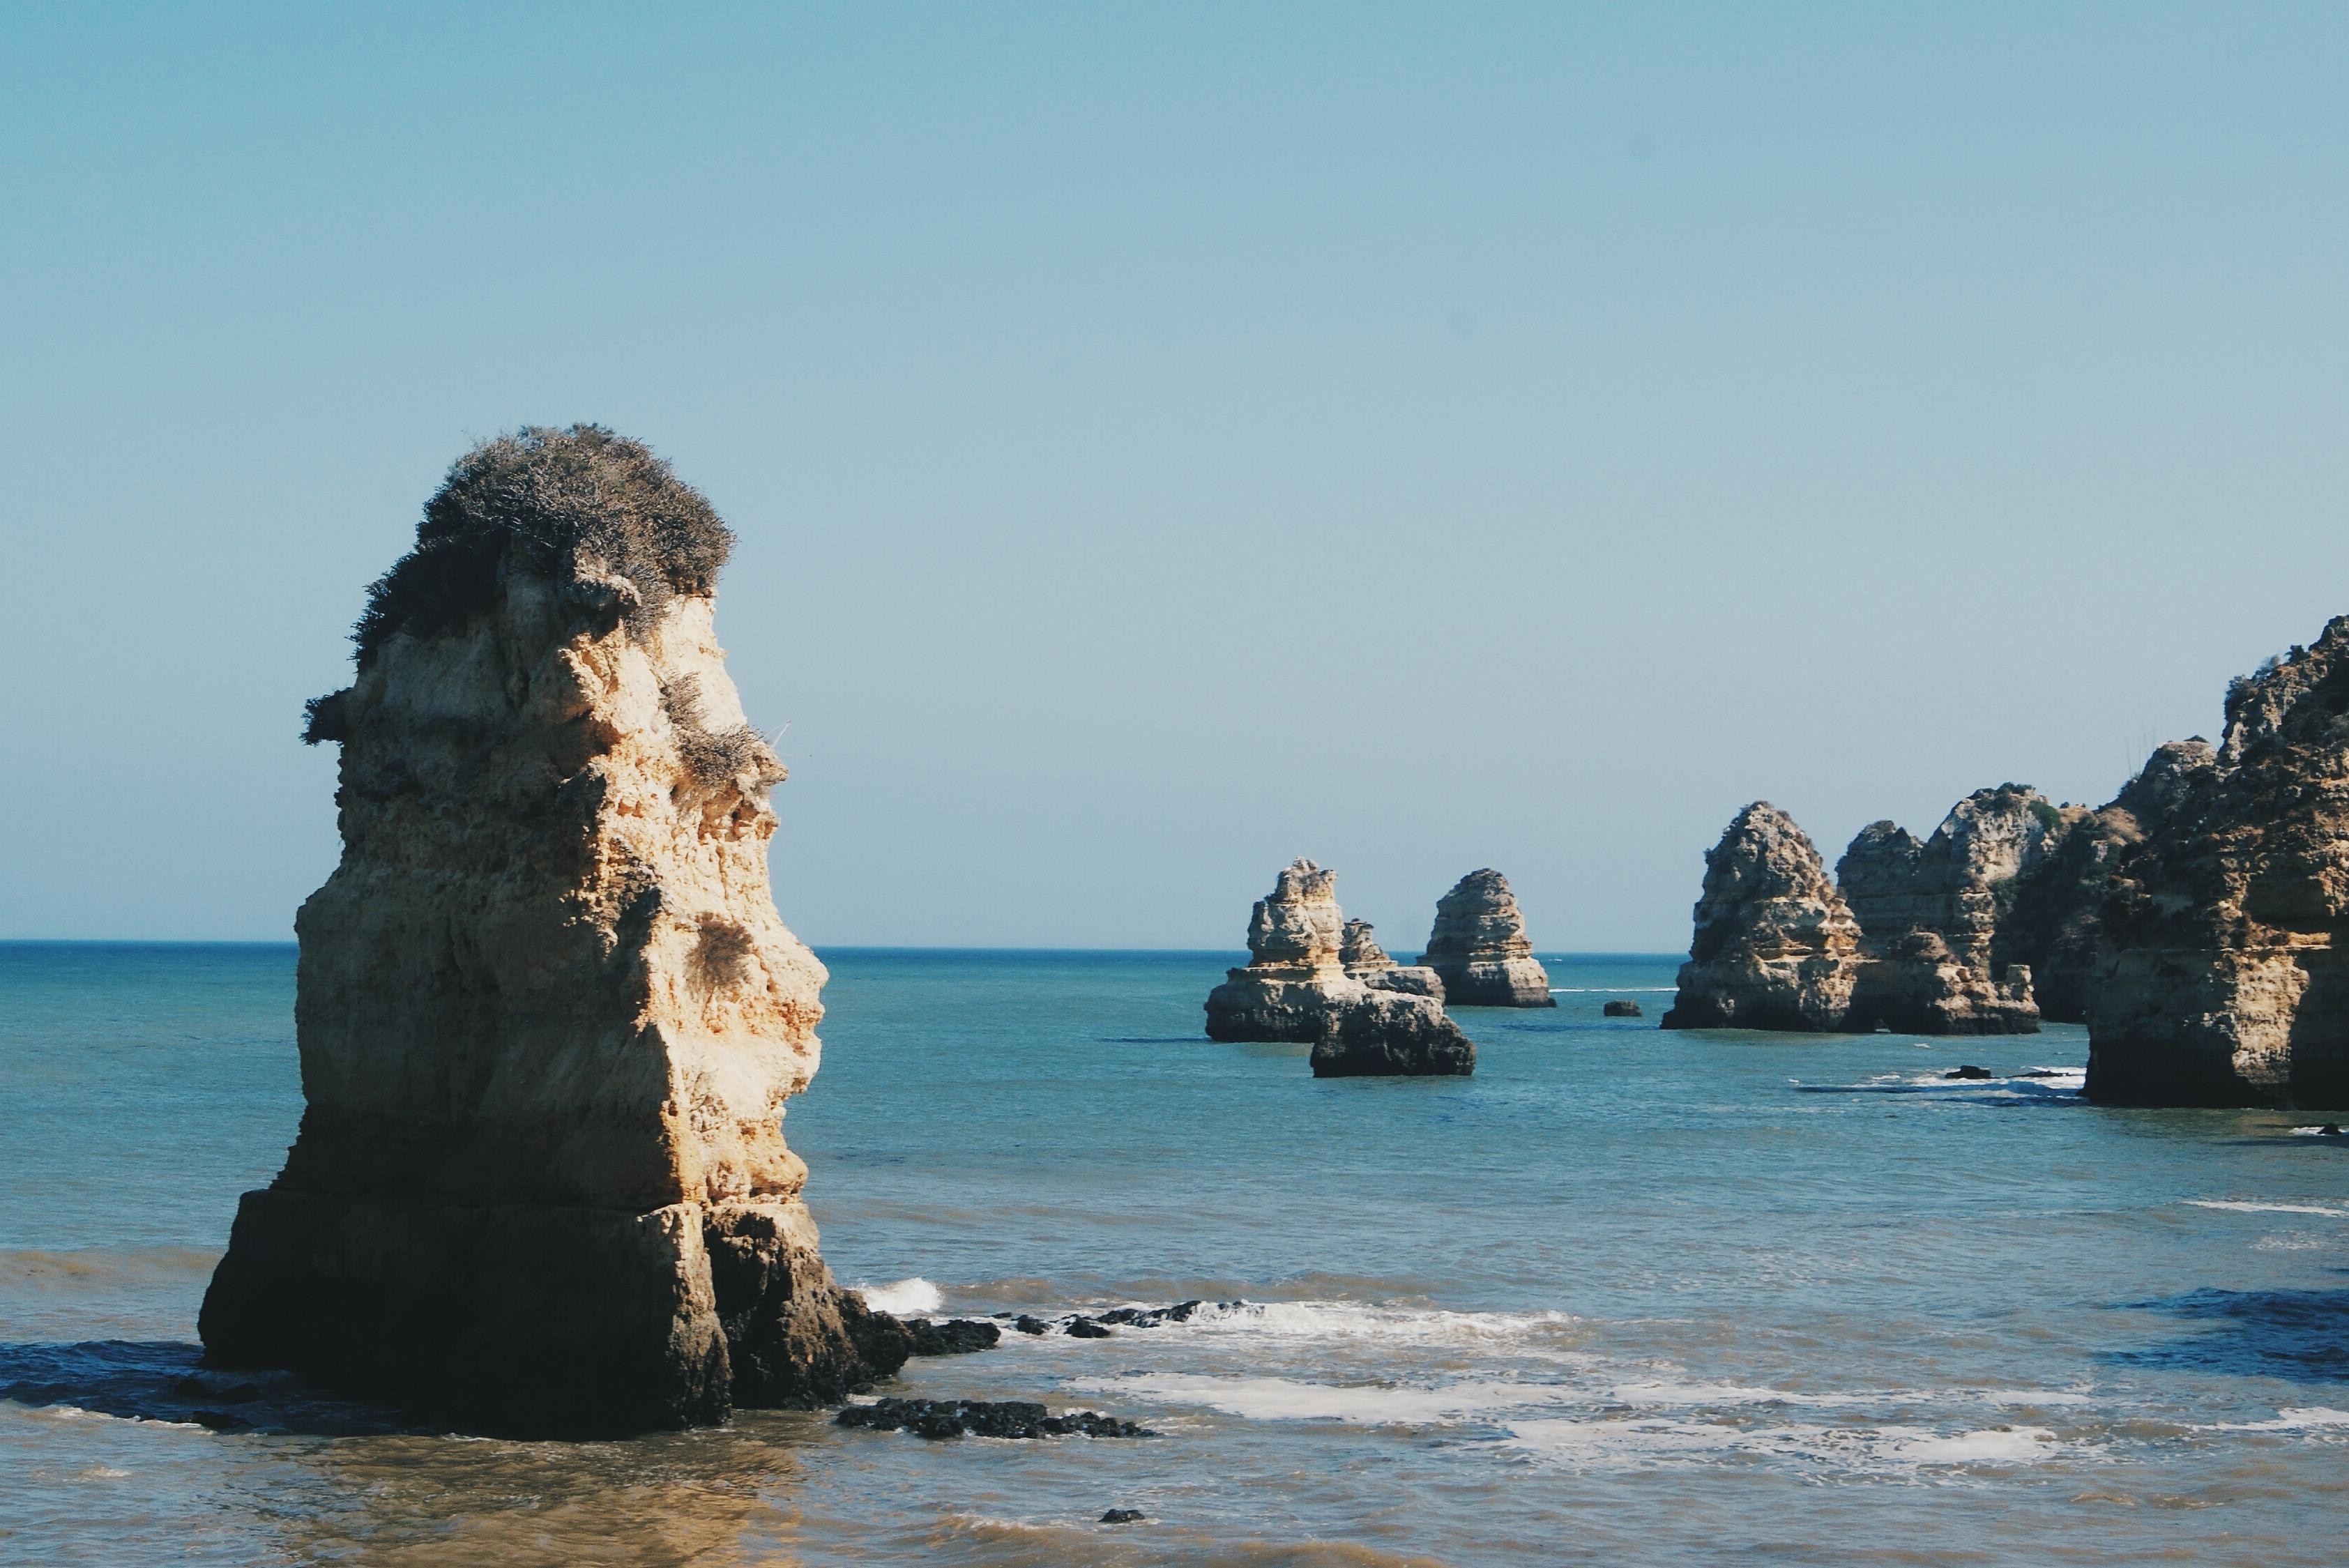 ponta da piedade, portugal coast, lagos portugal